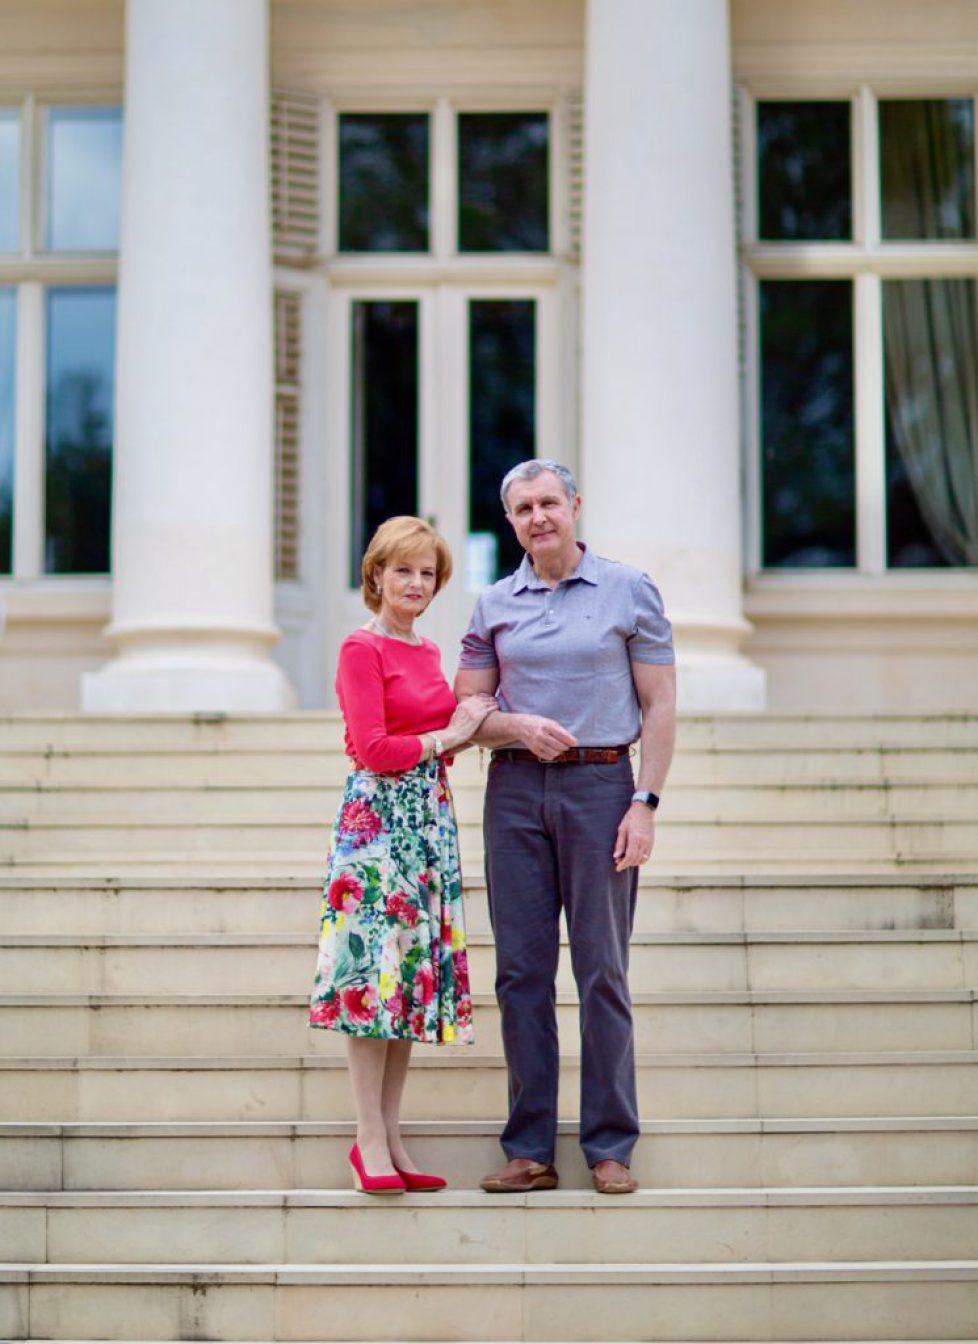 Majestatea-Sa-Margareta-Principele-Radu-Savarsin-7-iunie-©Coposesc-1